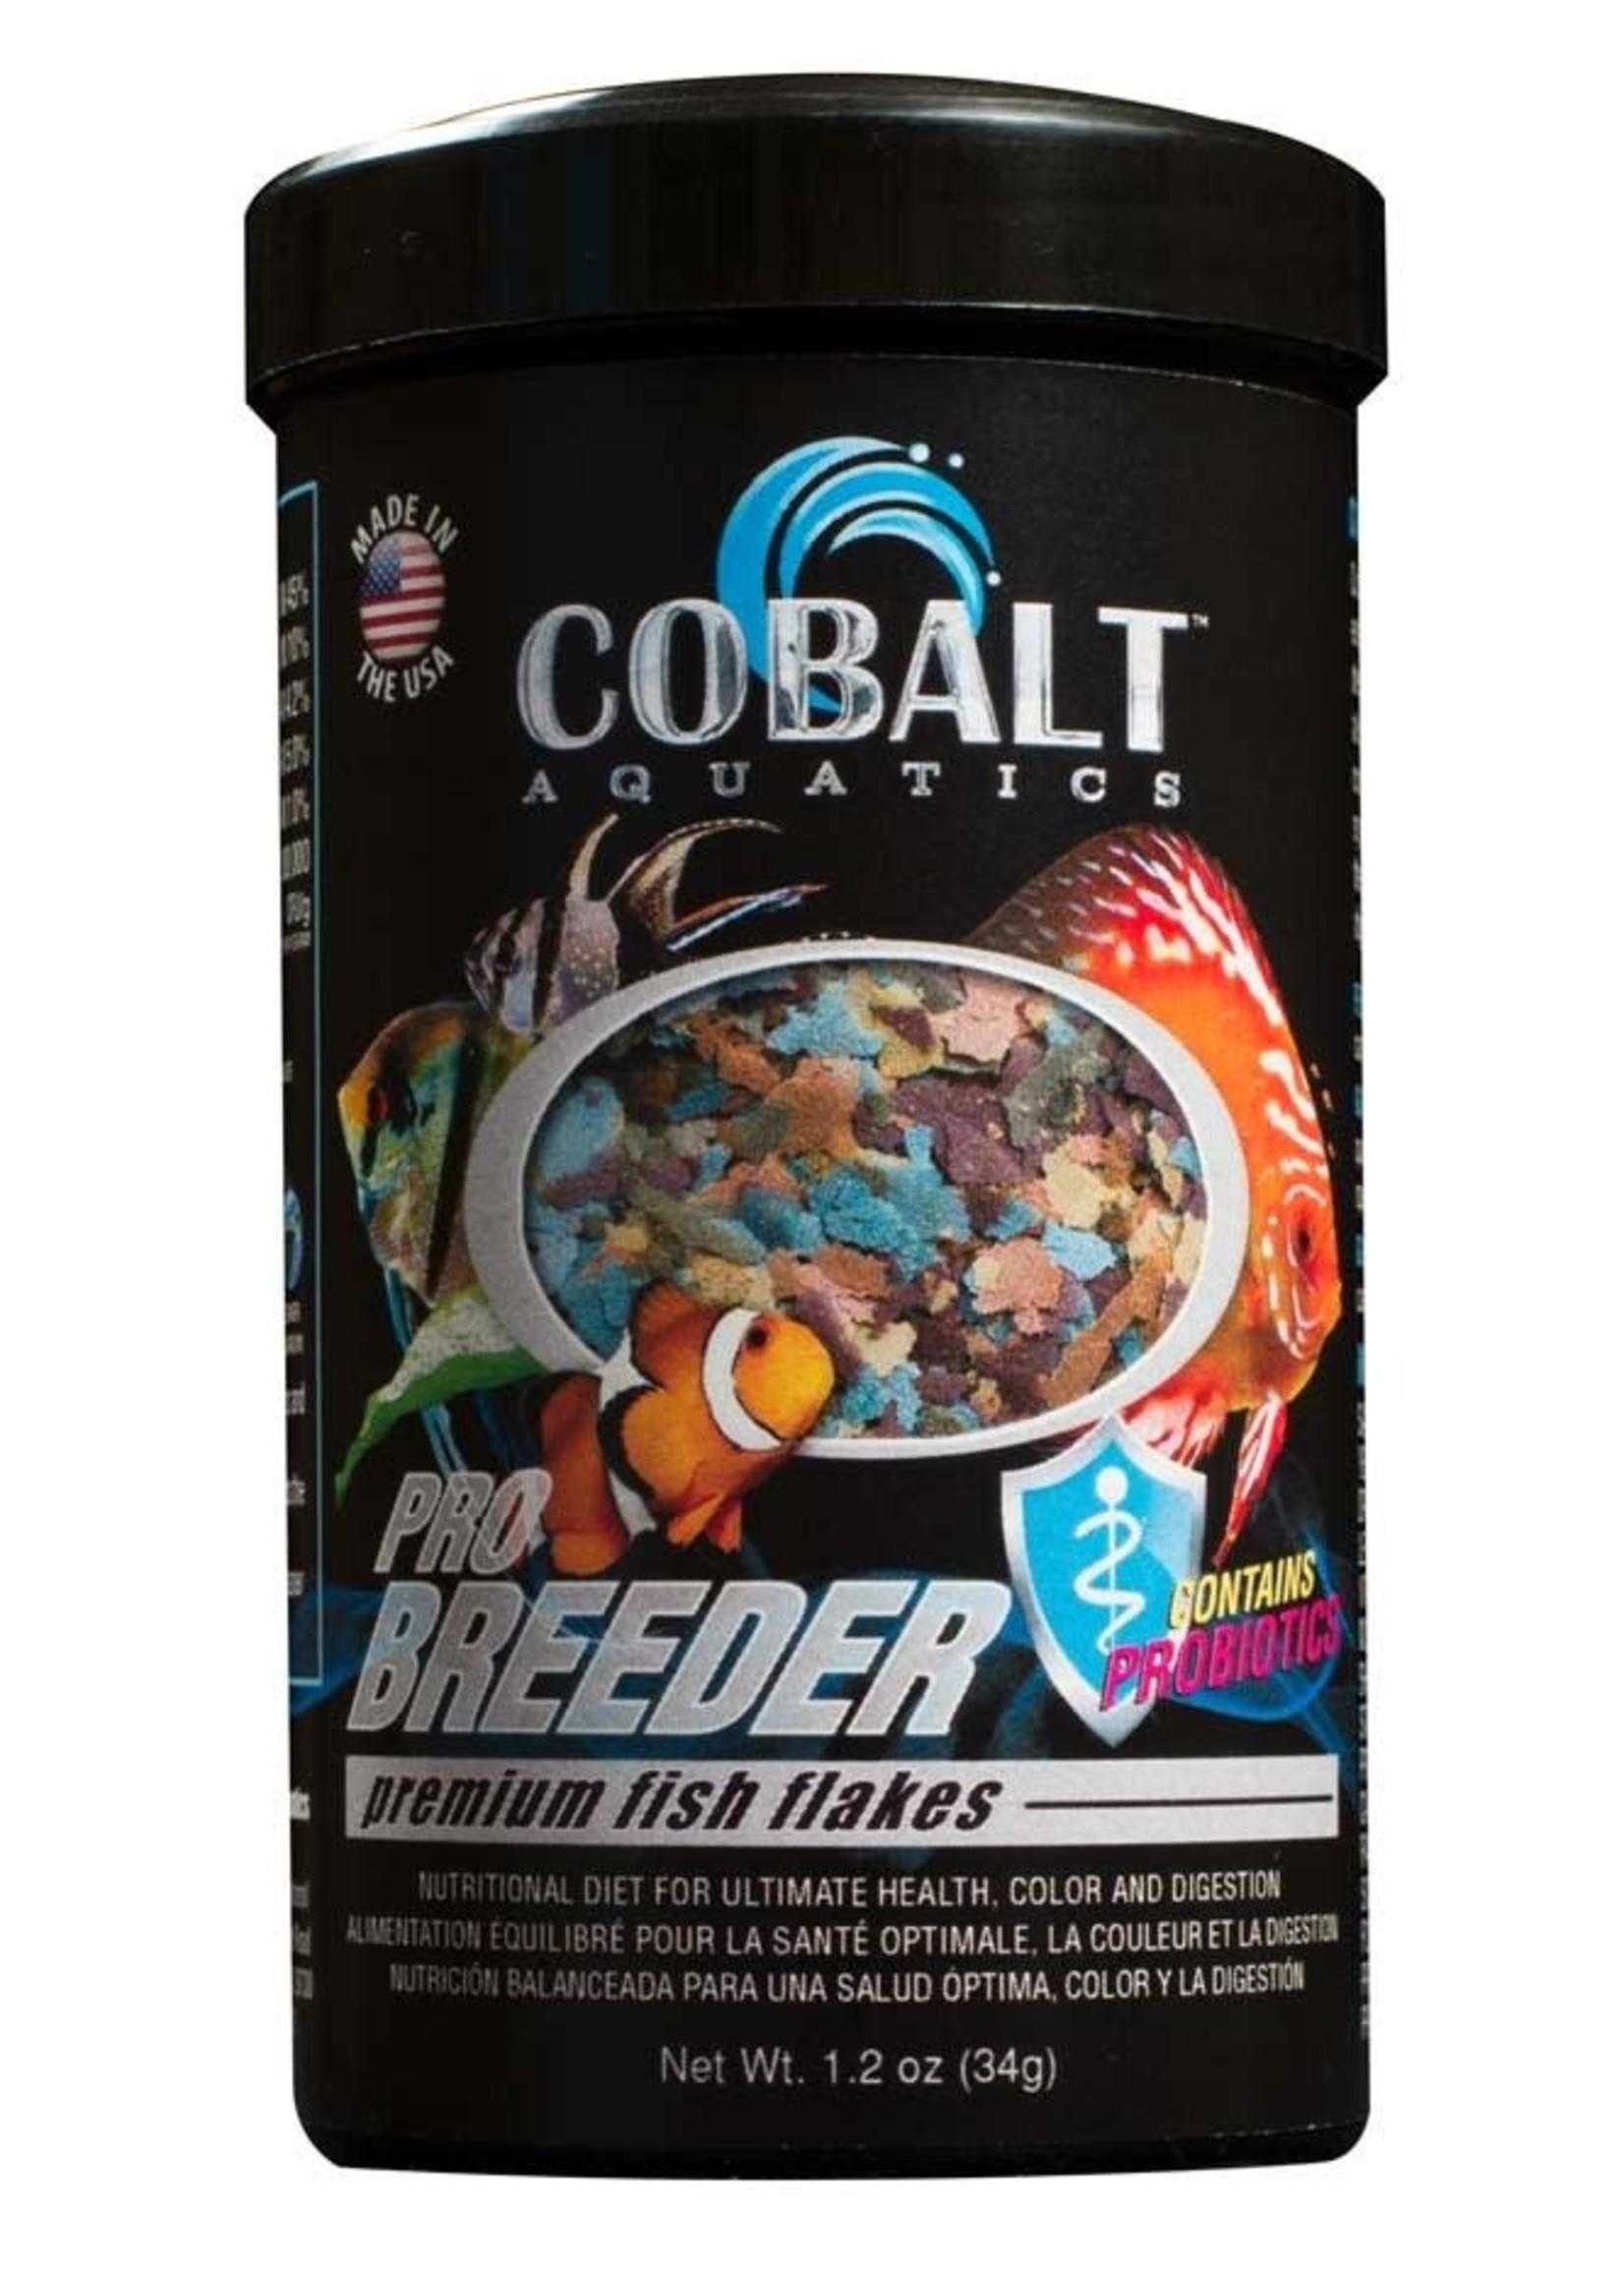 Cobalt International, Inc Cobalt Aquatics Pro Breeder Fish Flakes 1.2oz